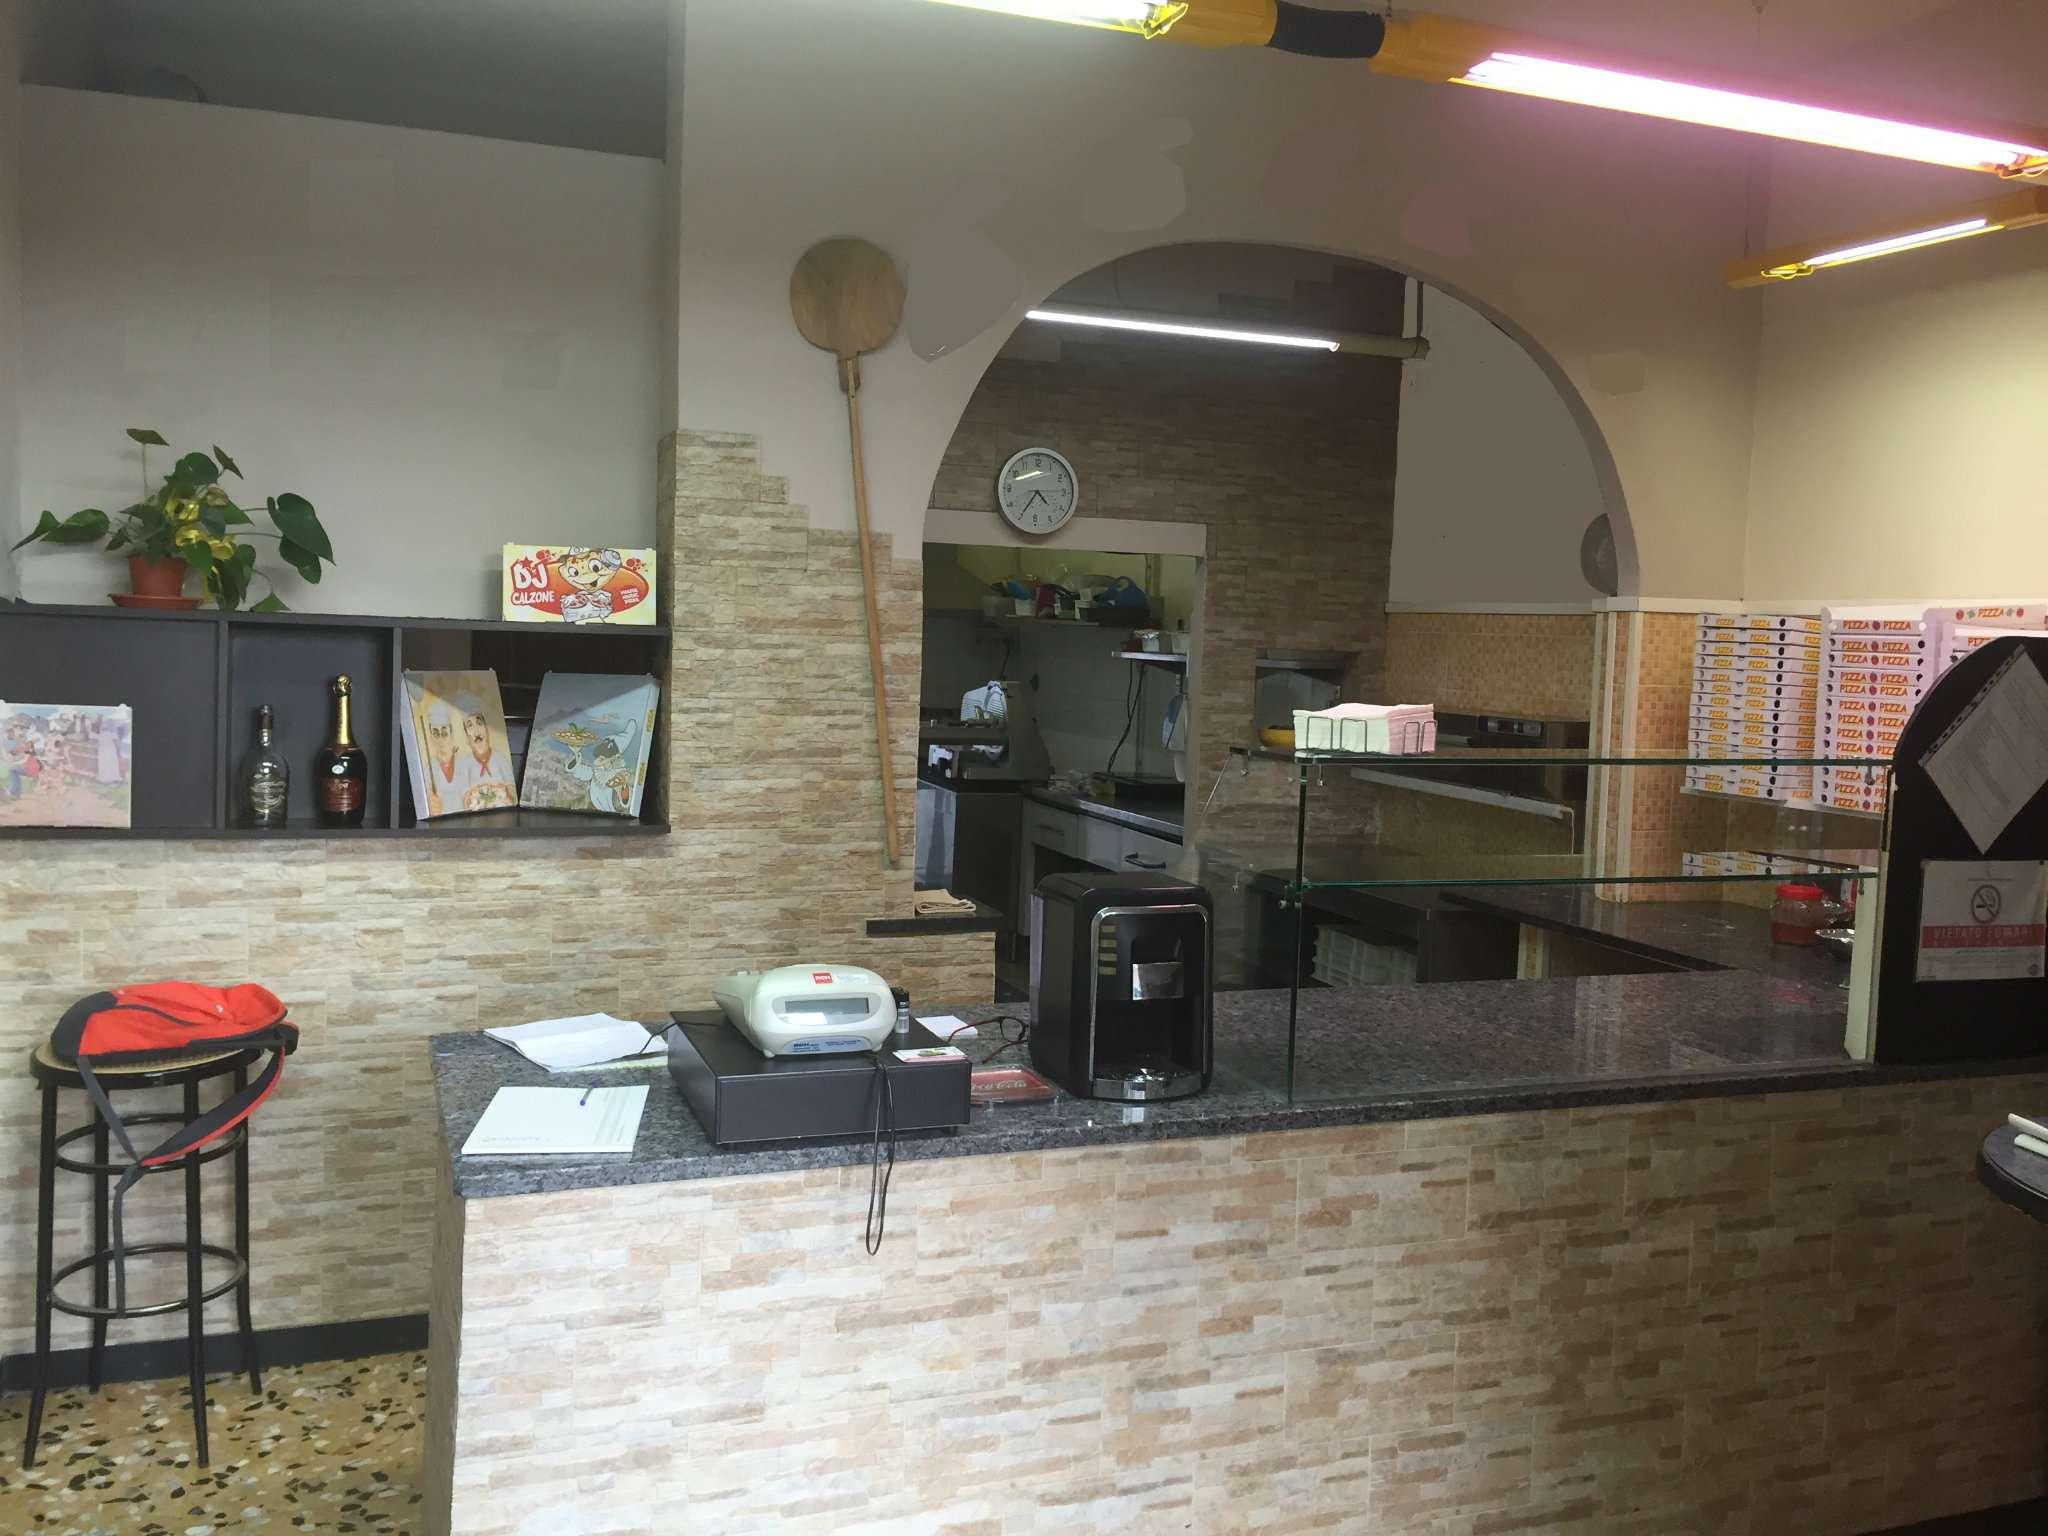 Ristorante / Pizzeria / Trattoria in vendita a Pinerolo, 1 locali, prezzo € 20.000 | CambioCasa.it